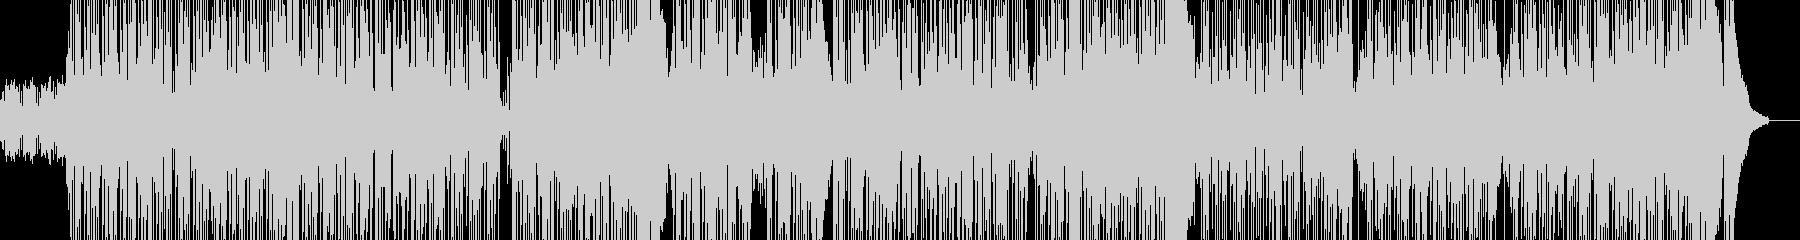 カクテルが似合うアダルティなジャズの未再生の波形